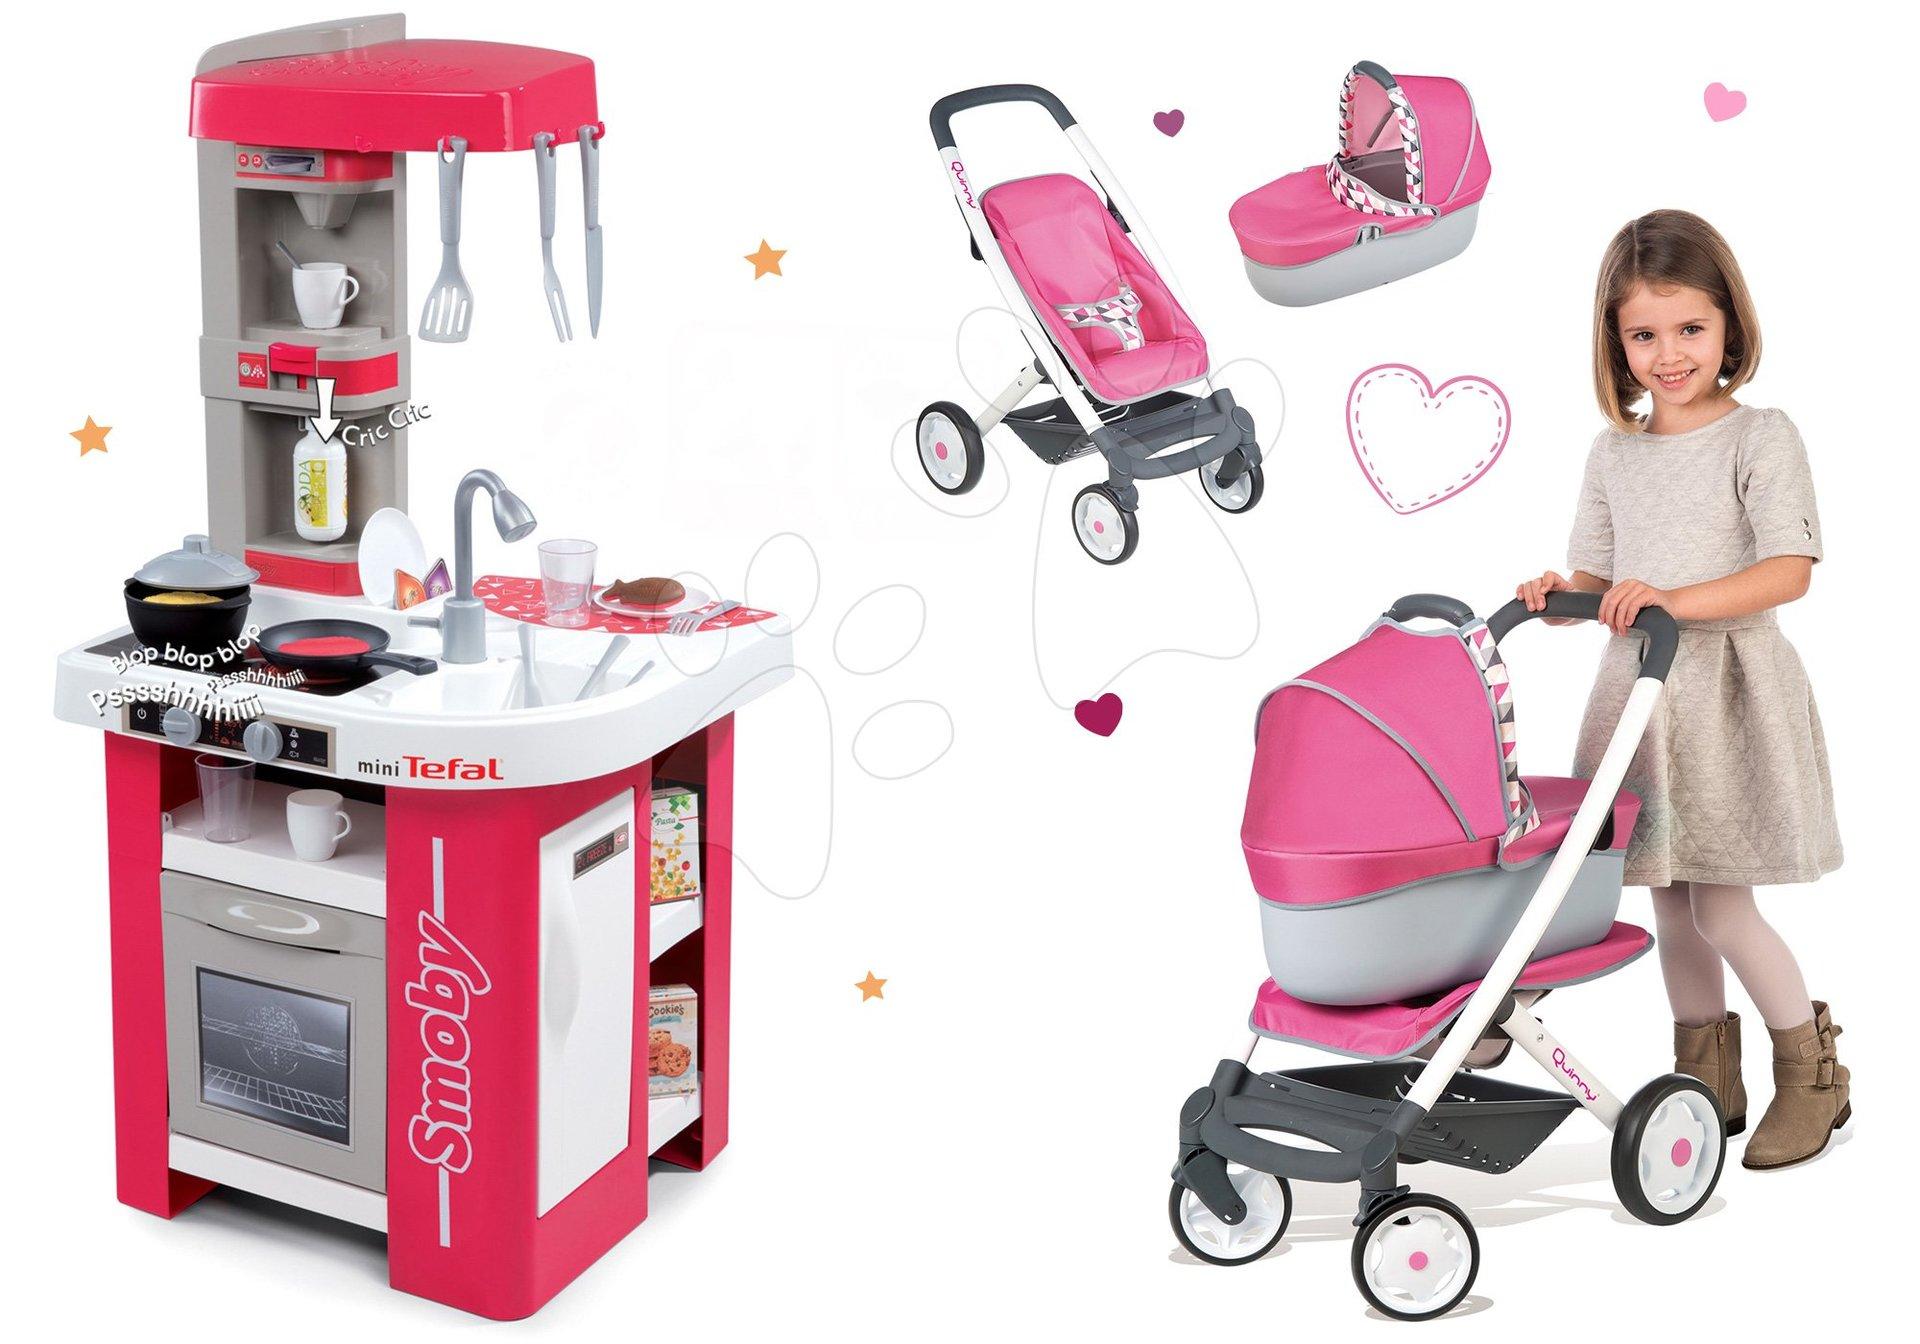 Smoby set detská kuchynka Tefal Studio a kočík Maxi Cosi&Quinny 311022-7